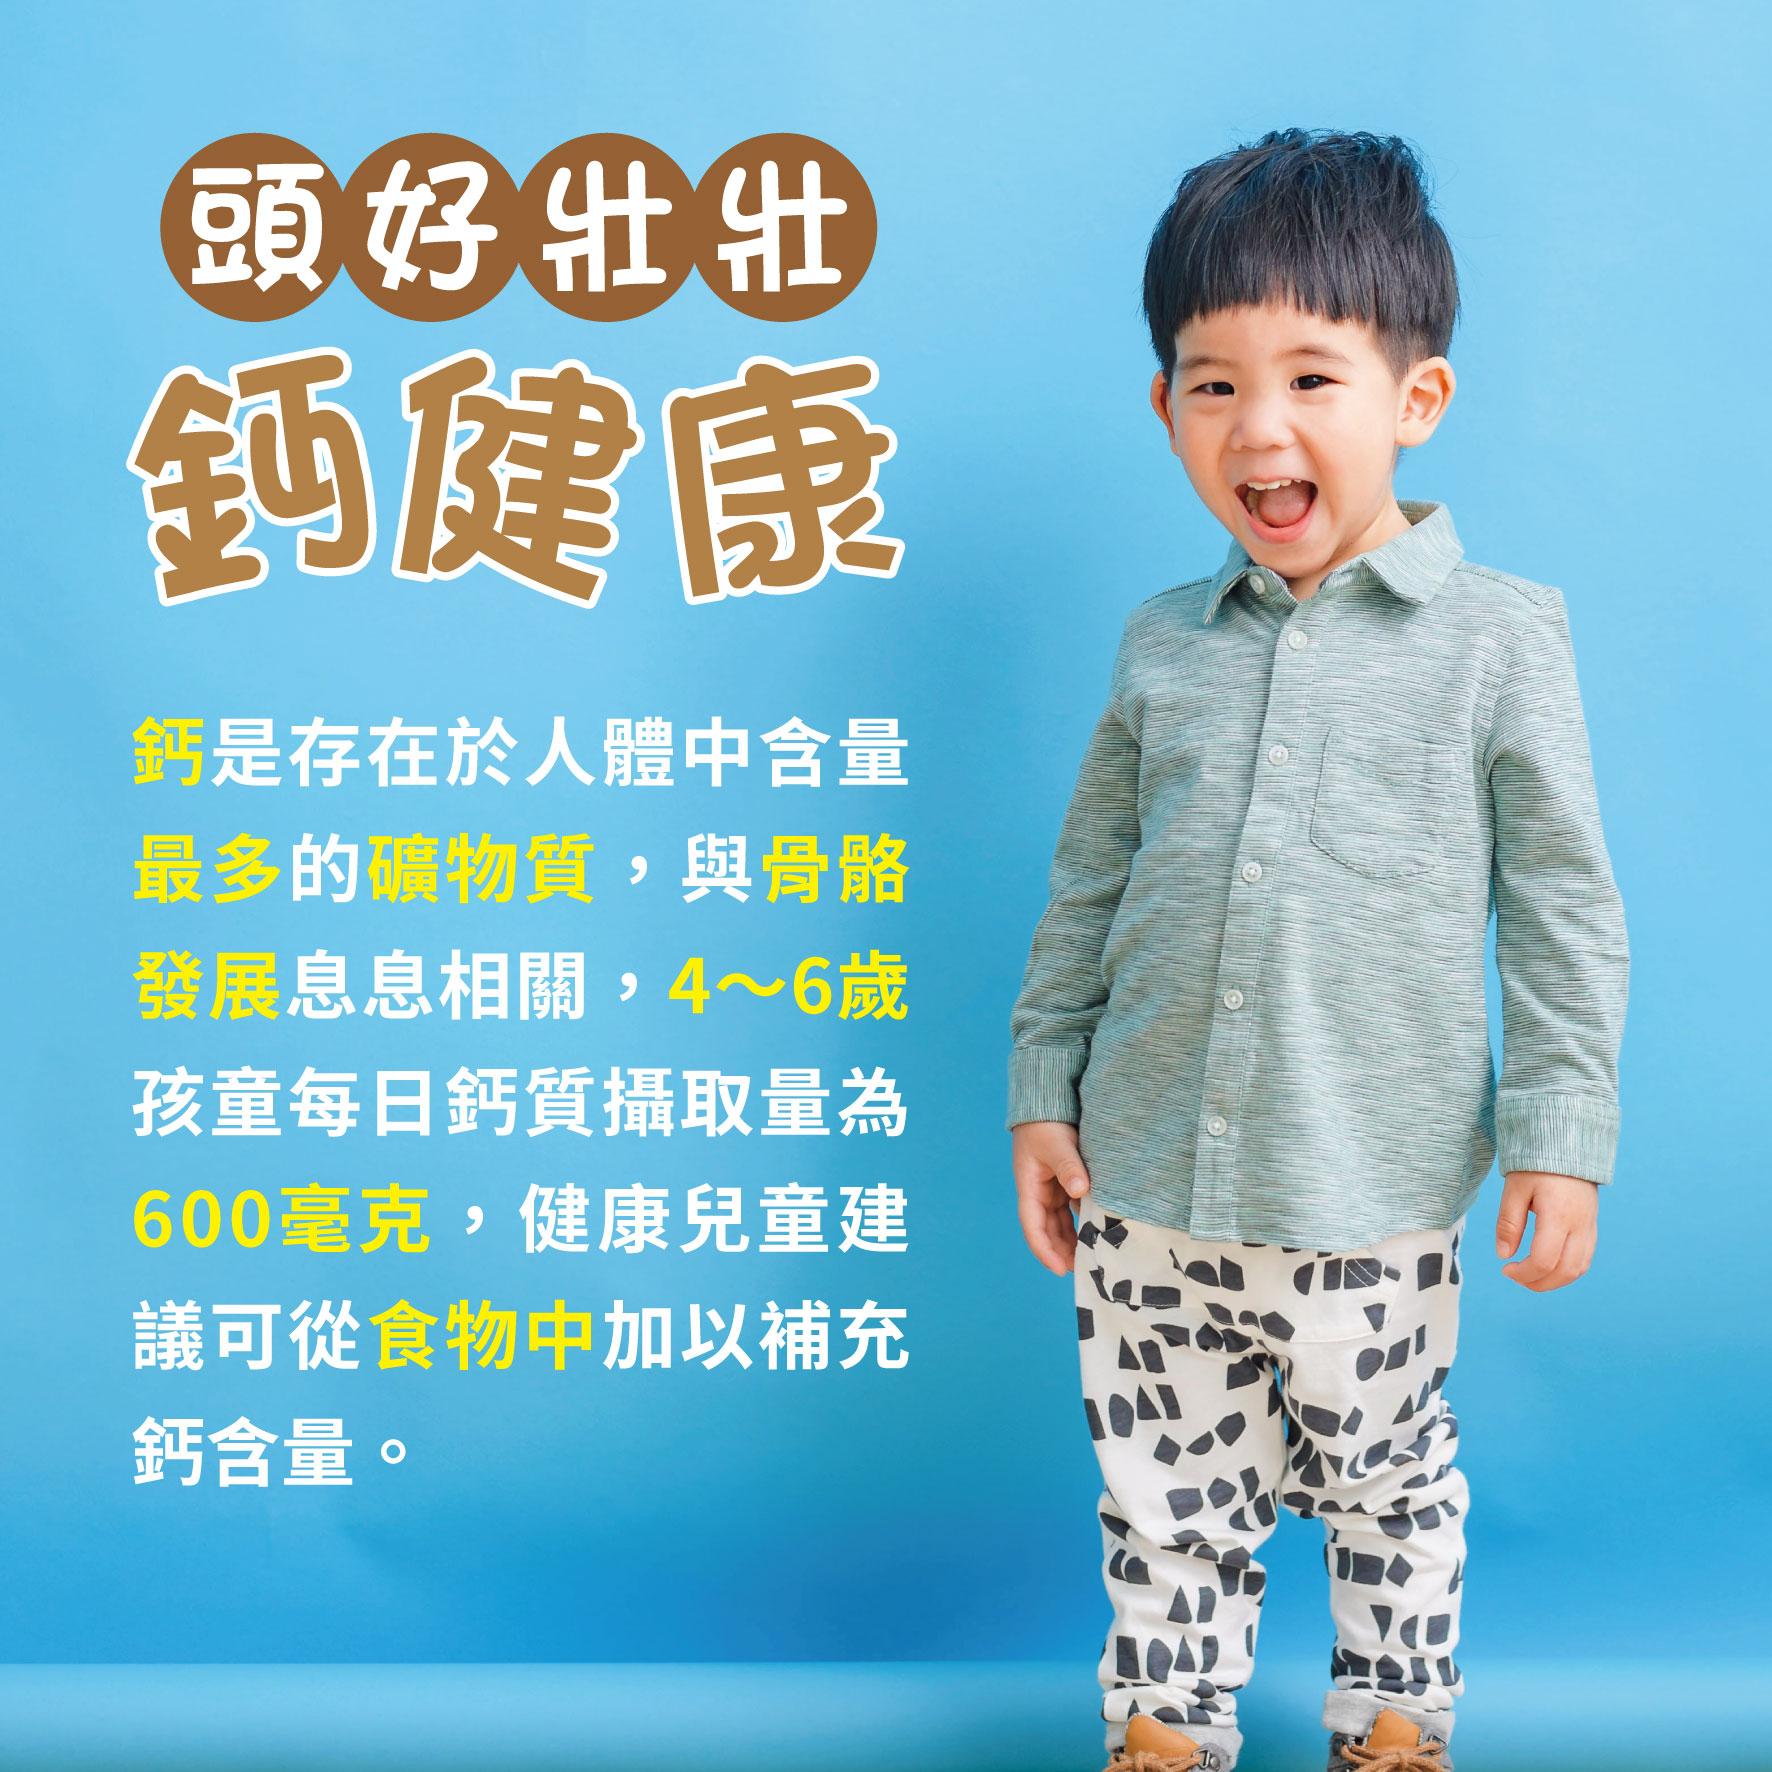 幼兒4歲(第34週)頭好壯壯鈣健康